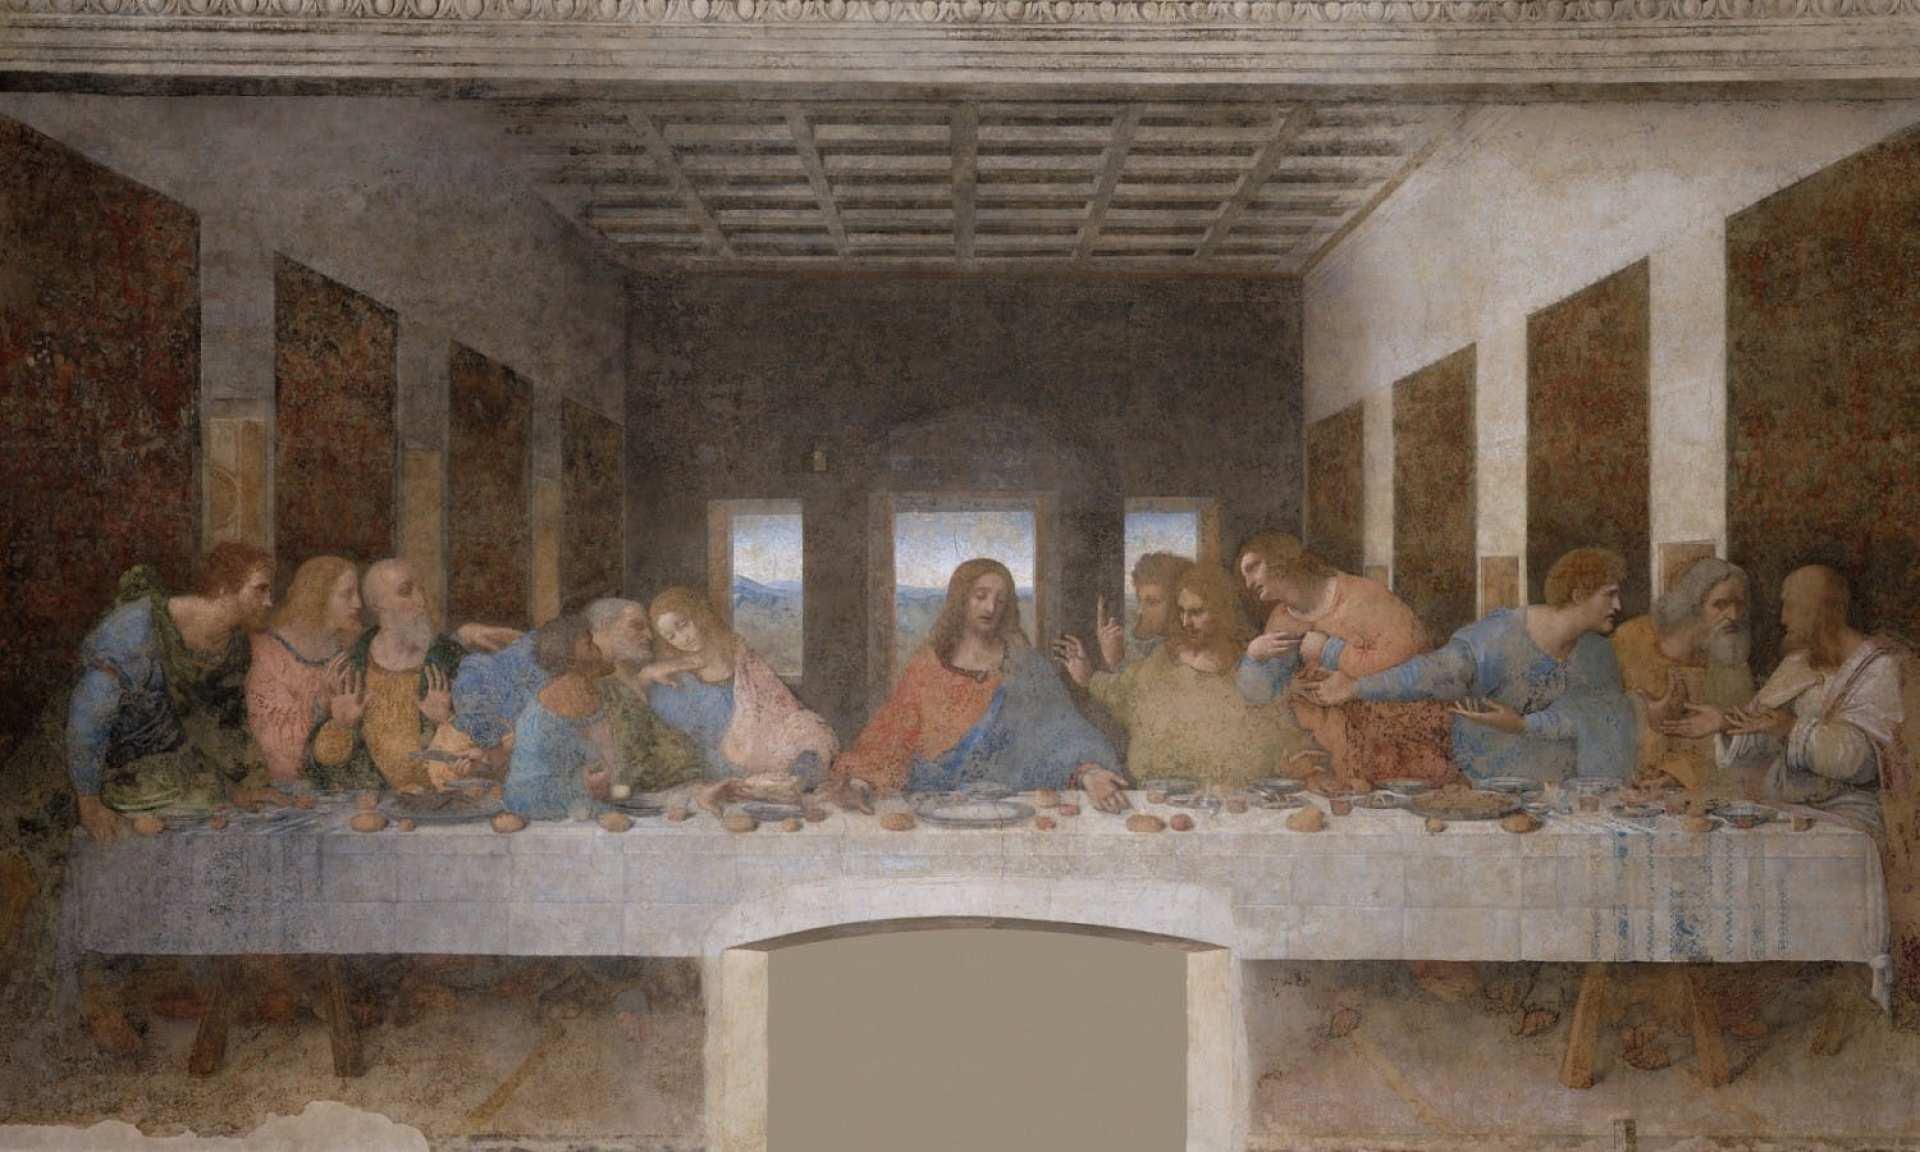 【曠世奇才達文西名作】義大利米蘭《最後的晚餐》門票+英語導遊導覽